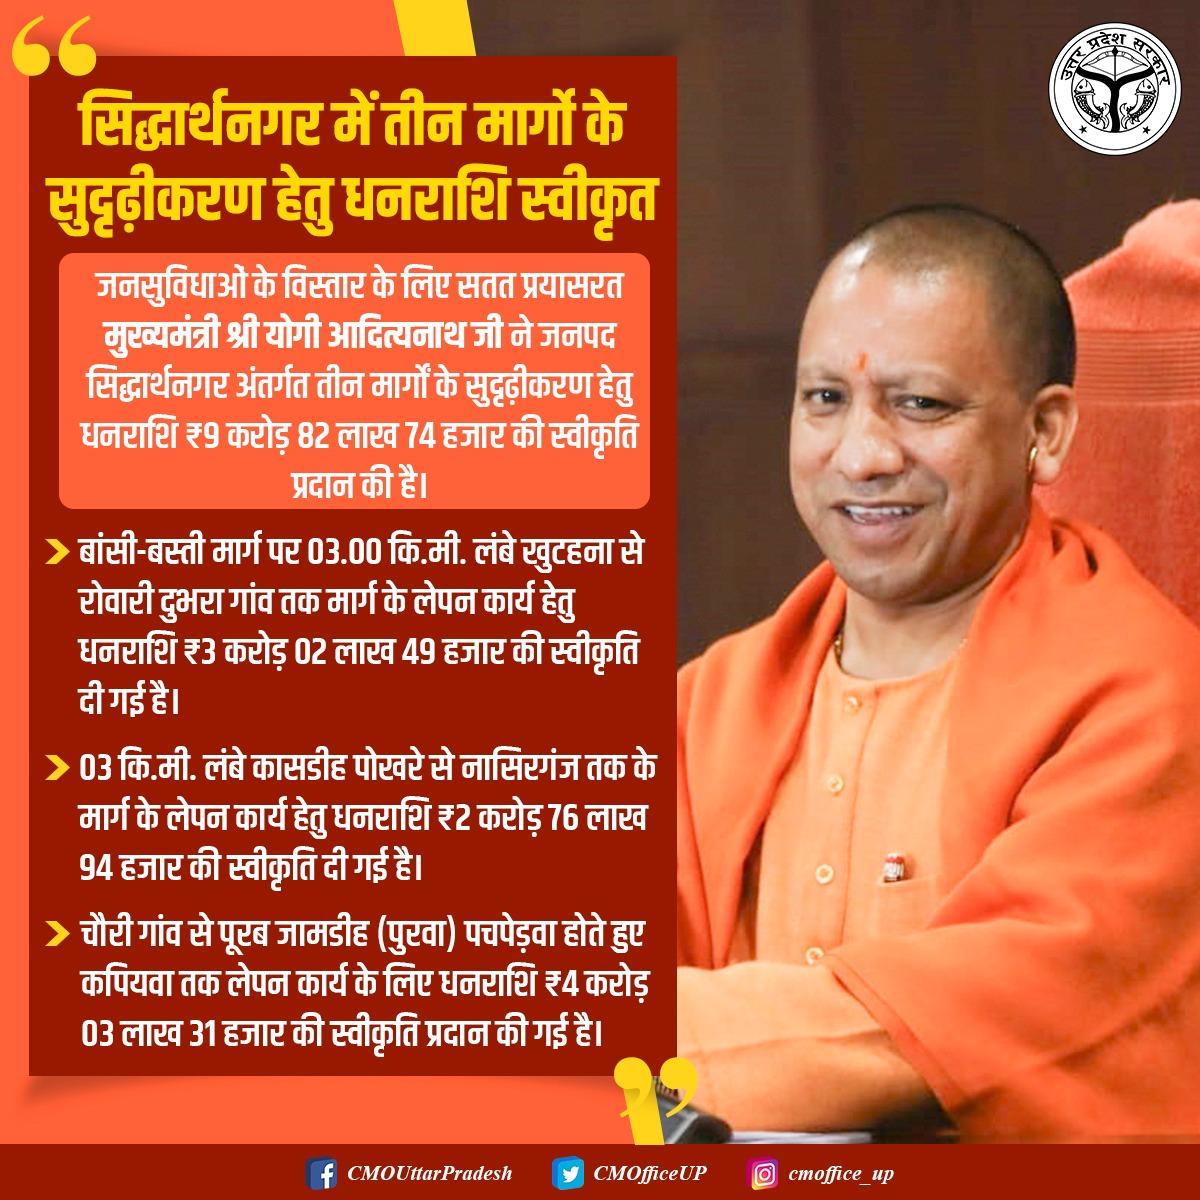 जनसुविधाओं के विस्तार के लिए सतत प्रयासरत मुख्यमंत्री श्री @myogiadityanath जी ने जनपद सिद्धार्थनगर अंतर्गत तीन मार्गों के सुदृढ़ीकरण हेतु धनराशि ₹9 करोड़ 82 लाख 74 हजार की स्वीकृति प्रदान की है।  @spgoyal @sanjaychapps1 @74_alok